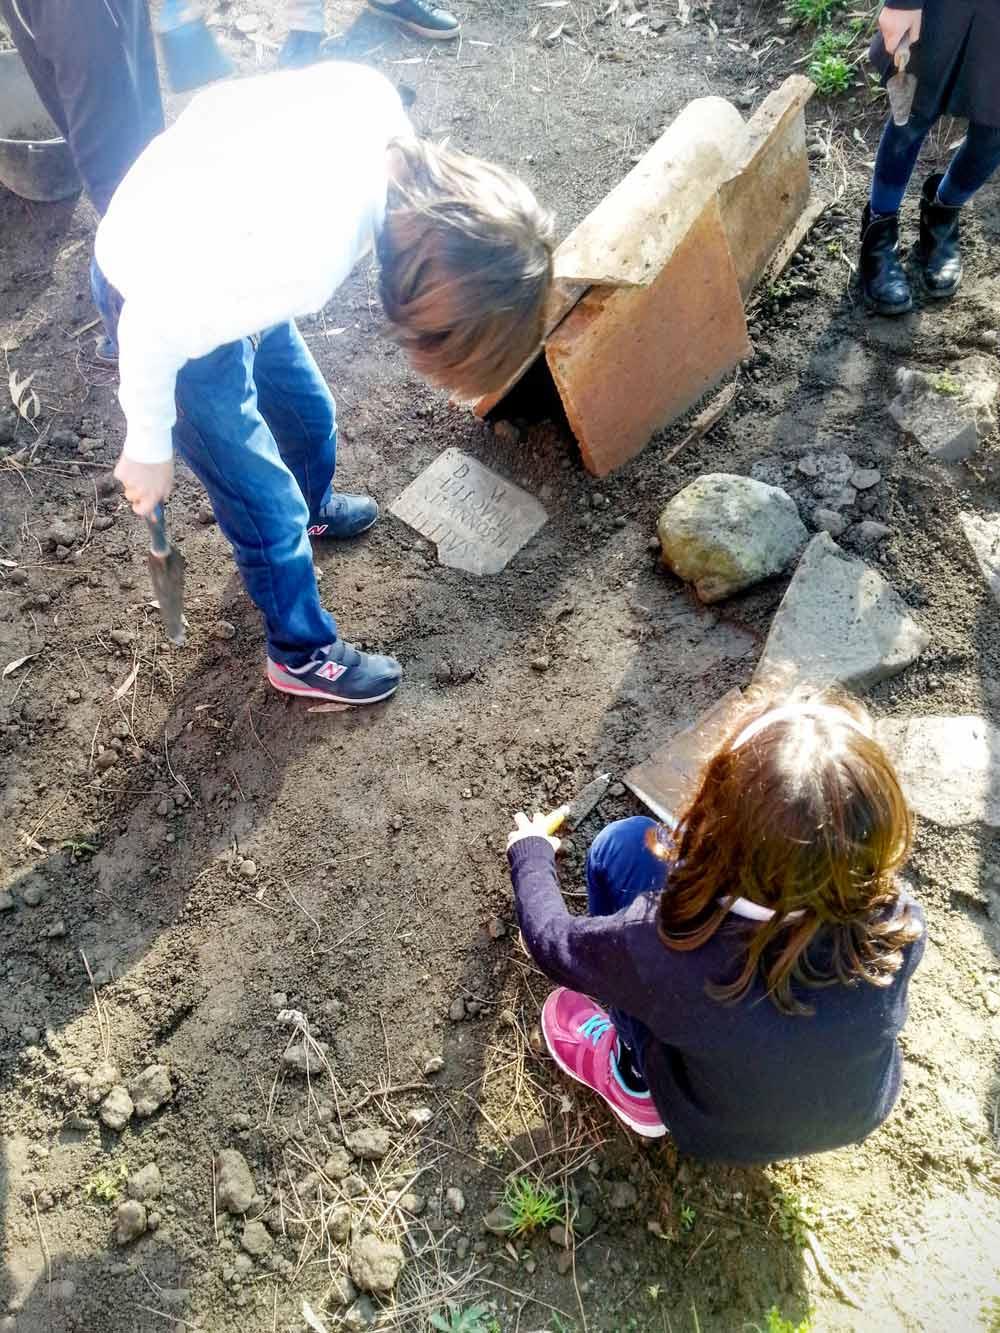 Museo Apr - Lo scavo archeologico - Laboratorio didattico_113843